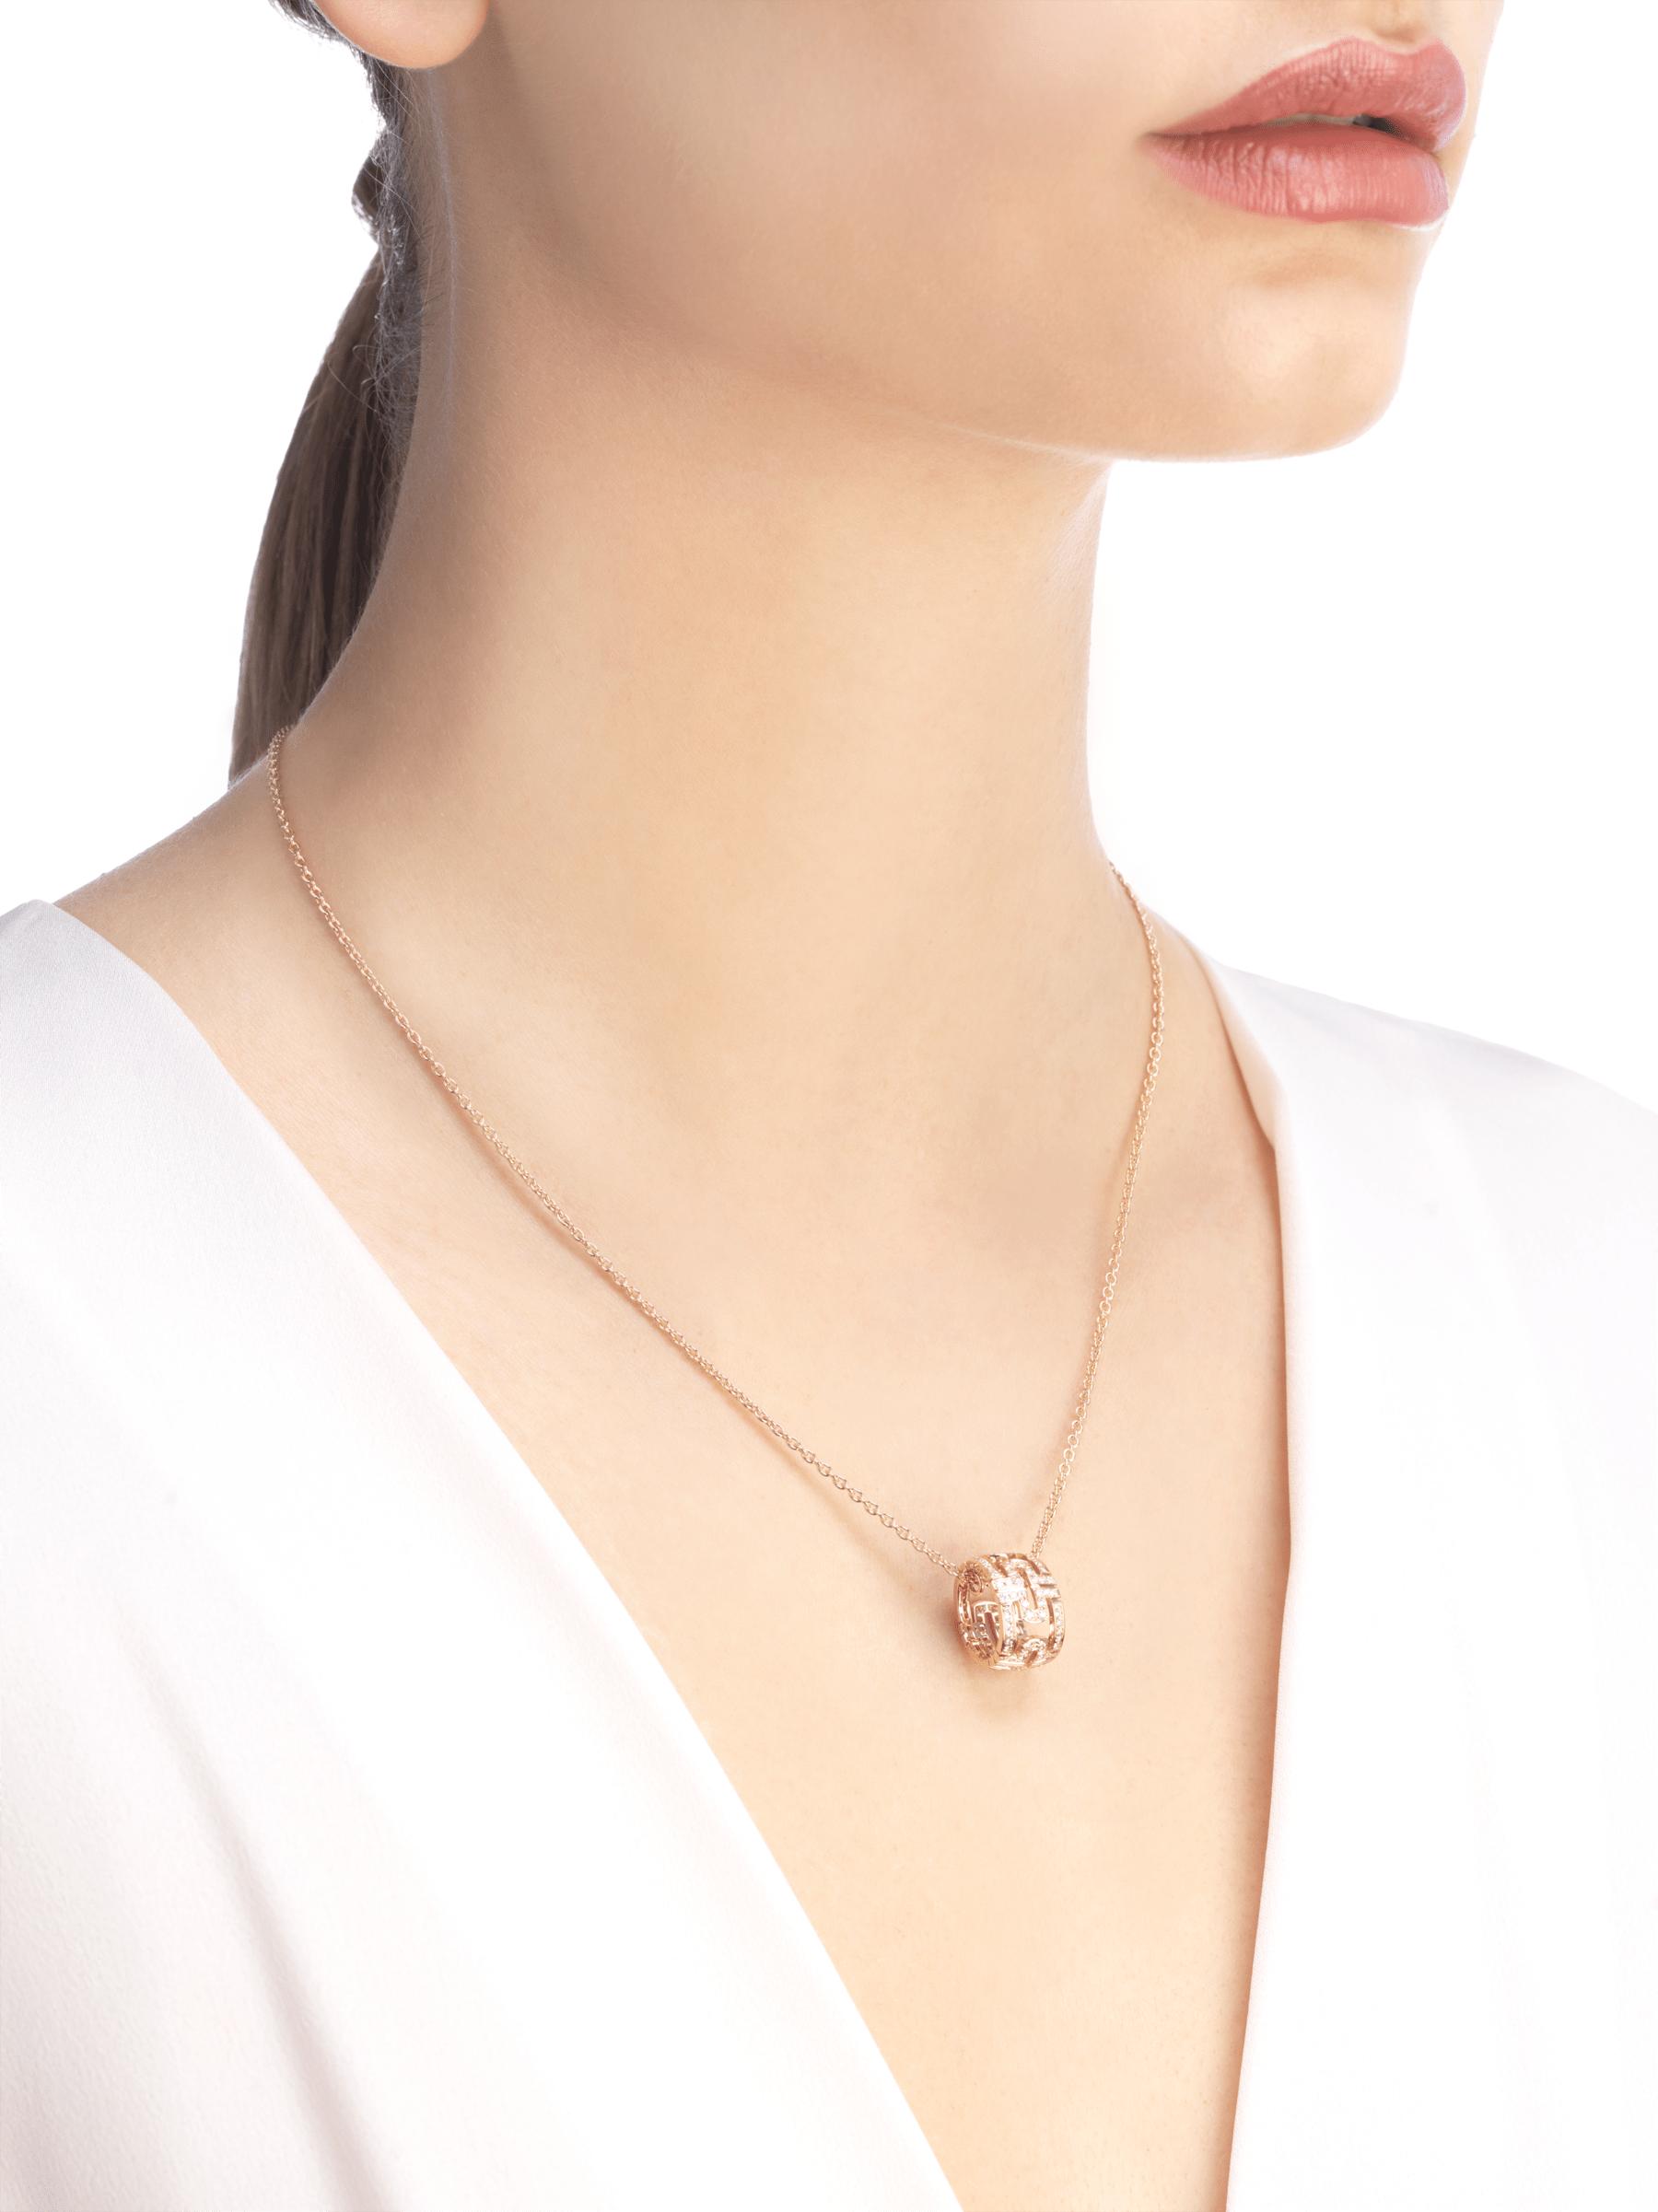 Collier Parentesi avec chaîne en or rose 18K et pendentif rond en or rose 18K pavé diamants 343471 image 4